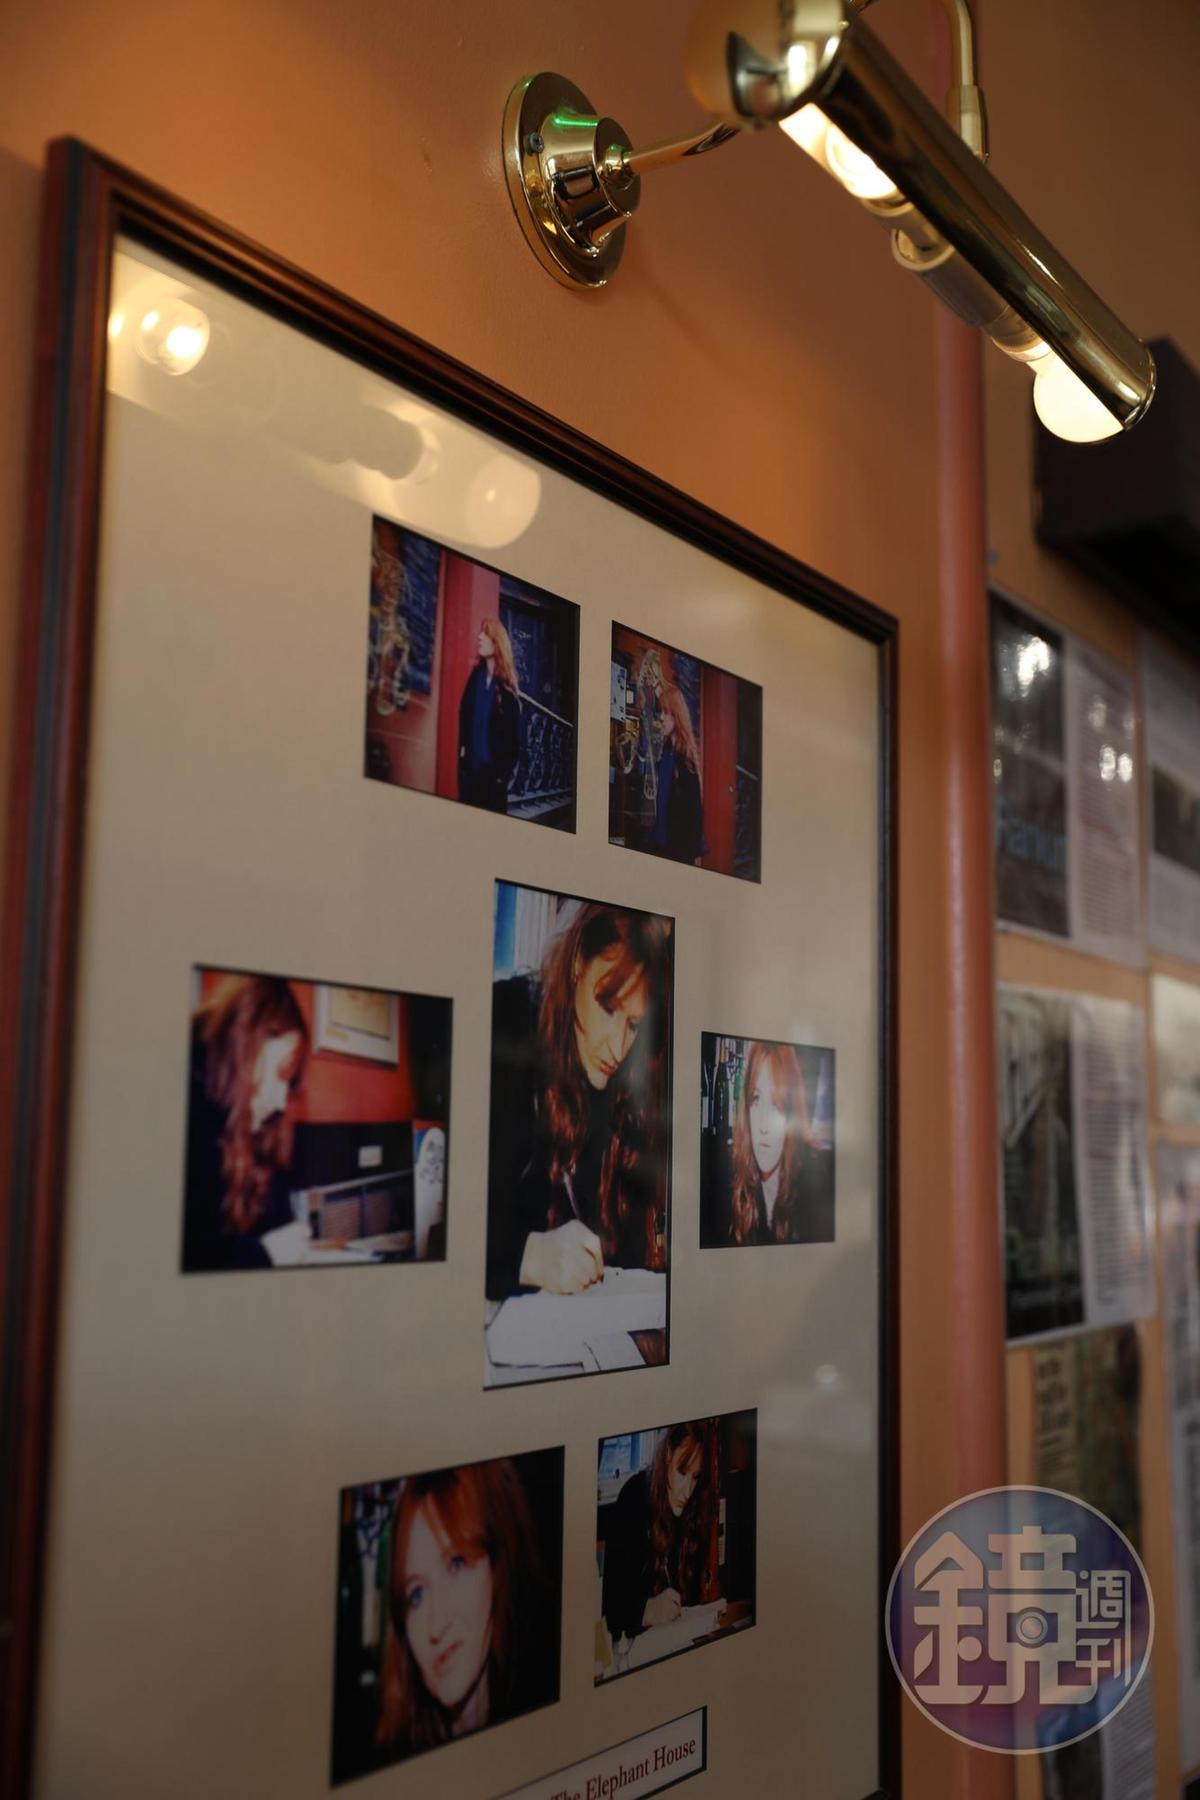 咖啡館牆上裝裱著J.K.羅琳的照片。